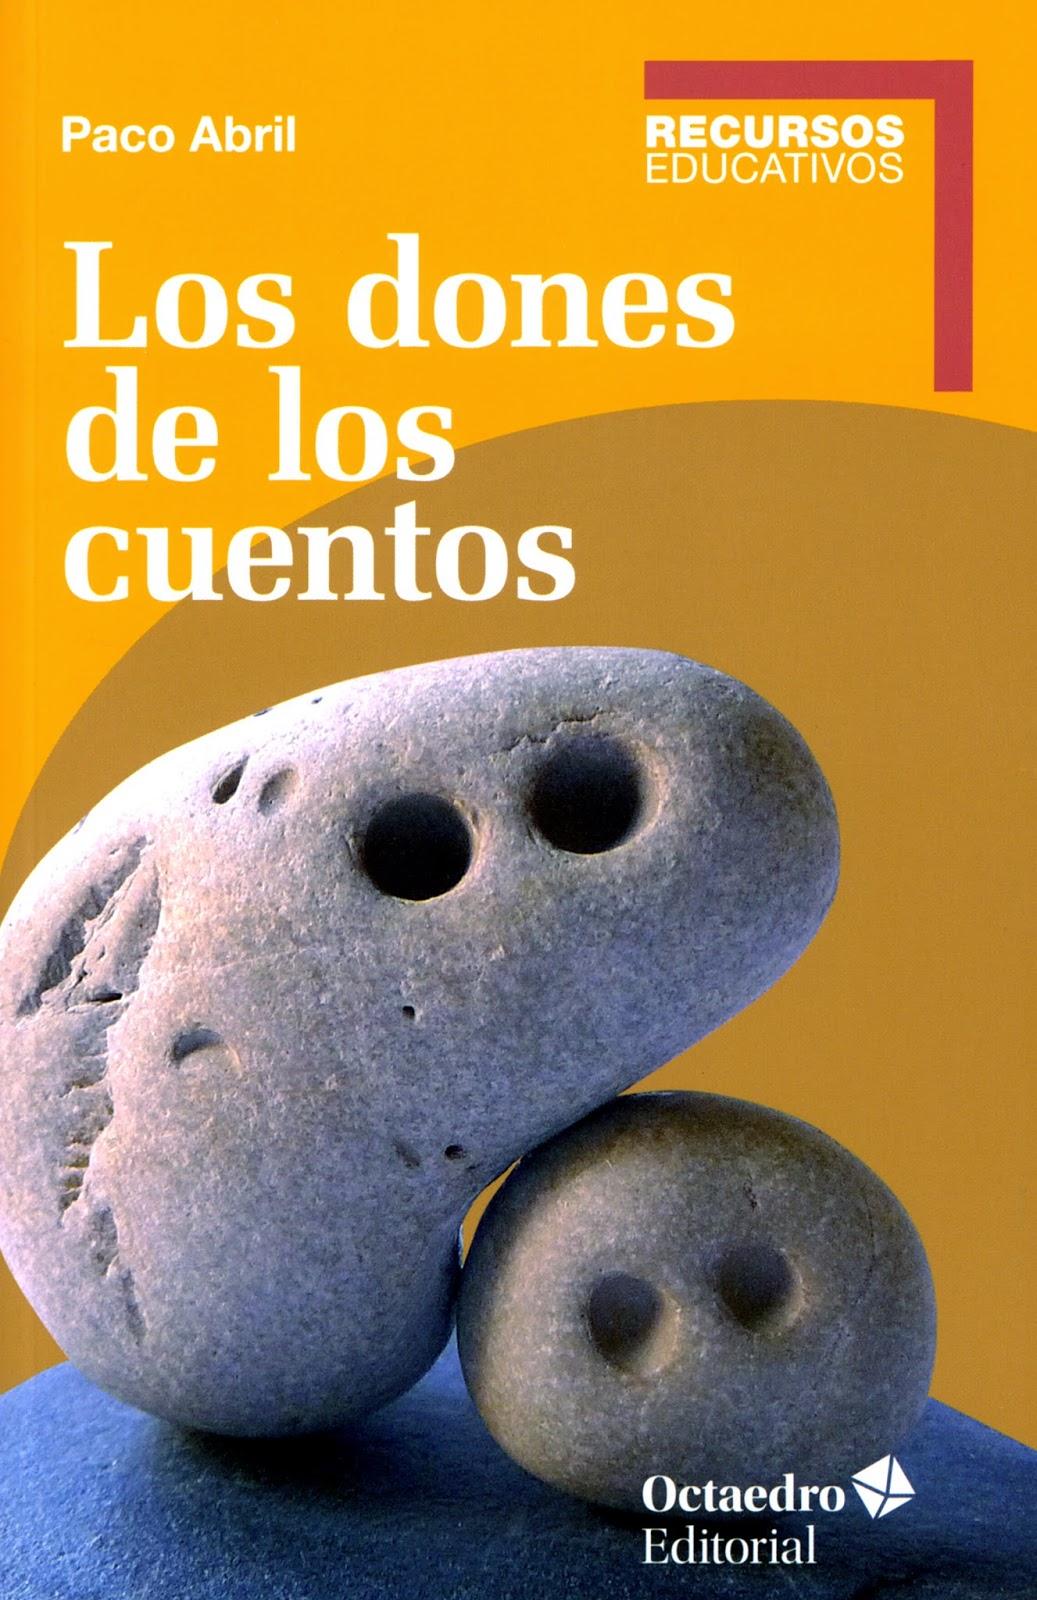 http://www.octaedro.com/OCTart.asp?libro=10436&id=es&txt=Los%2520dones%2520de%2520los%2520cuentos